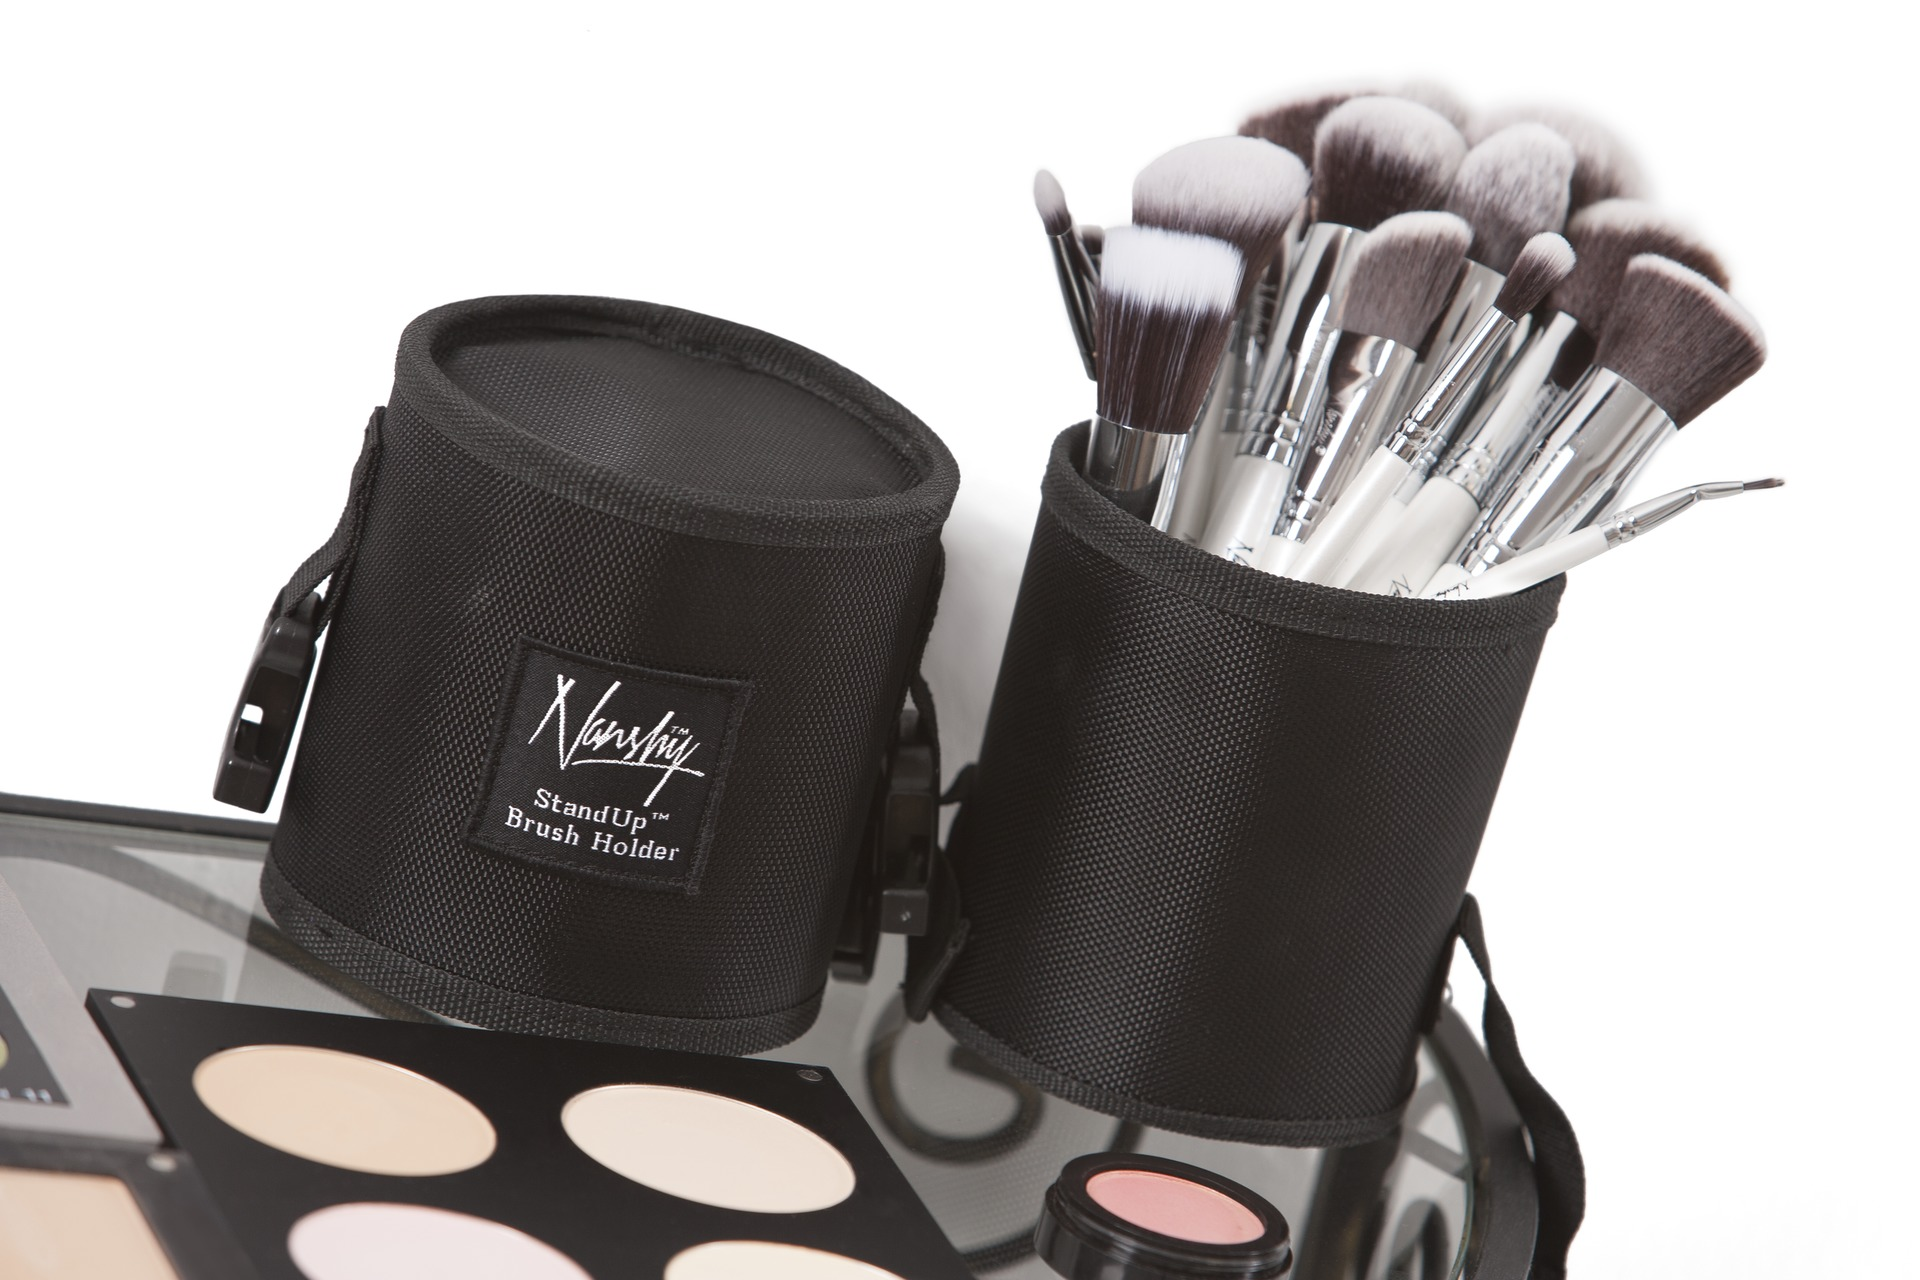 makeup brush wikipedia. Black Bedroom Furniture Sets. Home Design Ideas